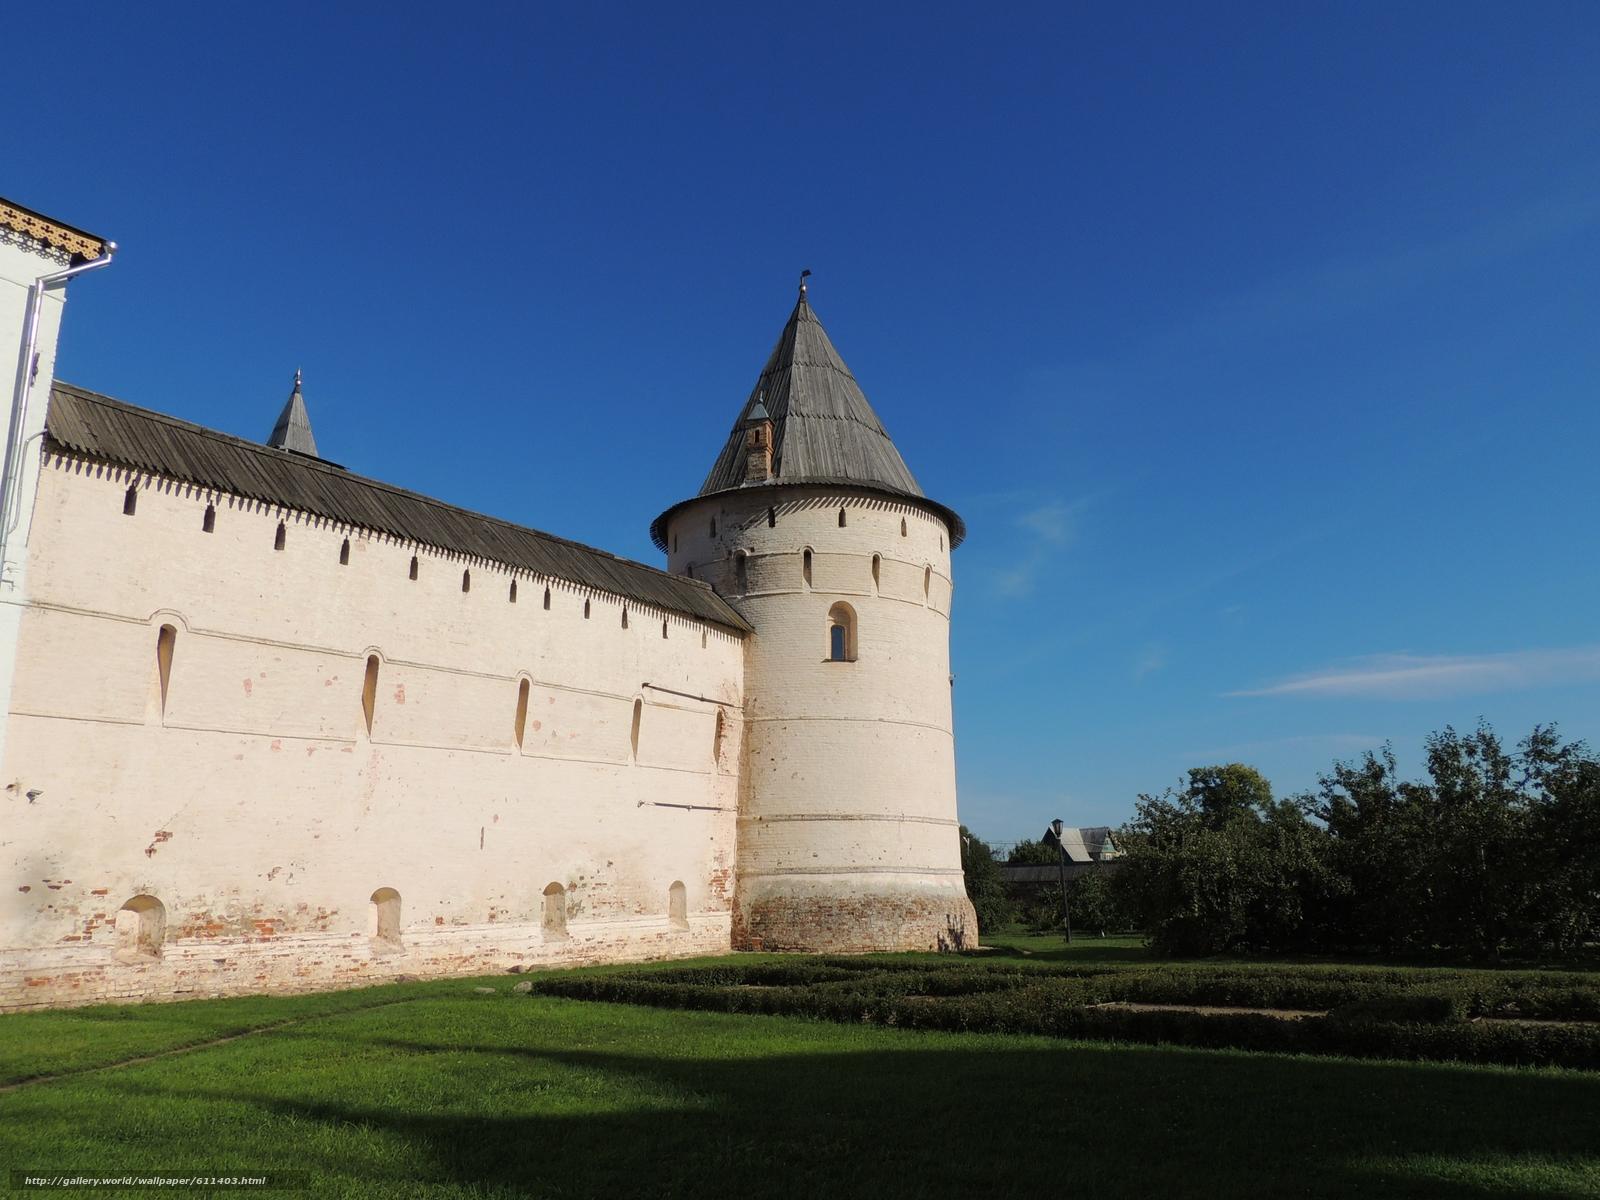 Tlcharger Fond d'ecran Russie,  Rostov,  ville,  forteresse Fonds d'ecran gratuits pour votre rsolution du bureau 4608x3456 — image №611403